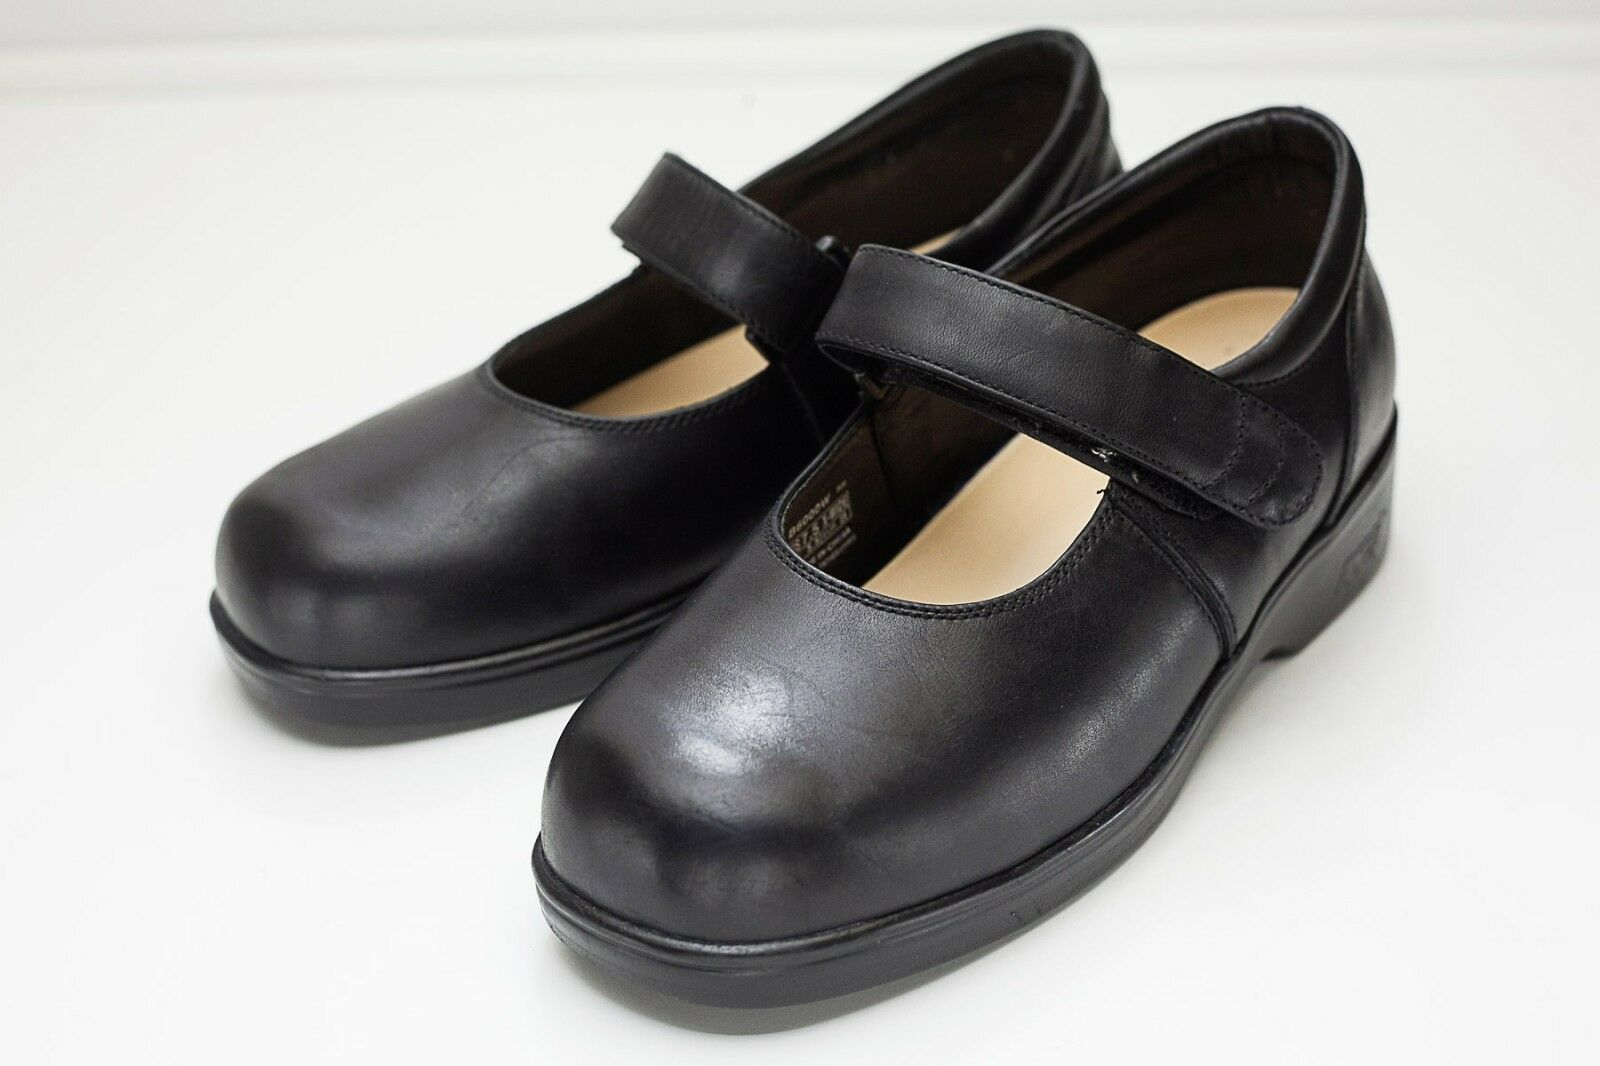 Apex 7.5 Extra Ancho Negro Mary Jane Zapatos Zapatos Zapatos para mujer  diseños exclusivos